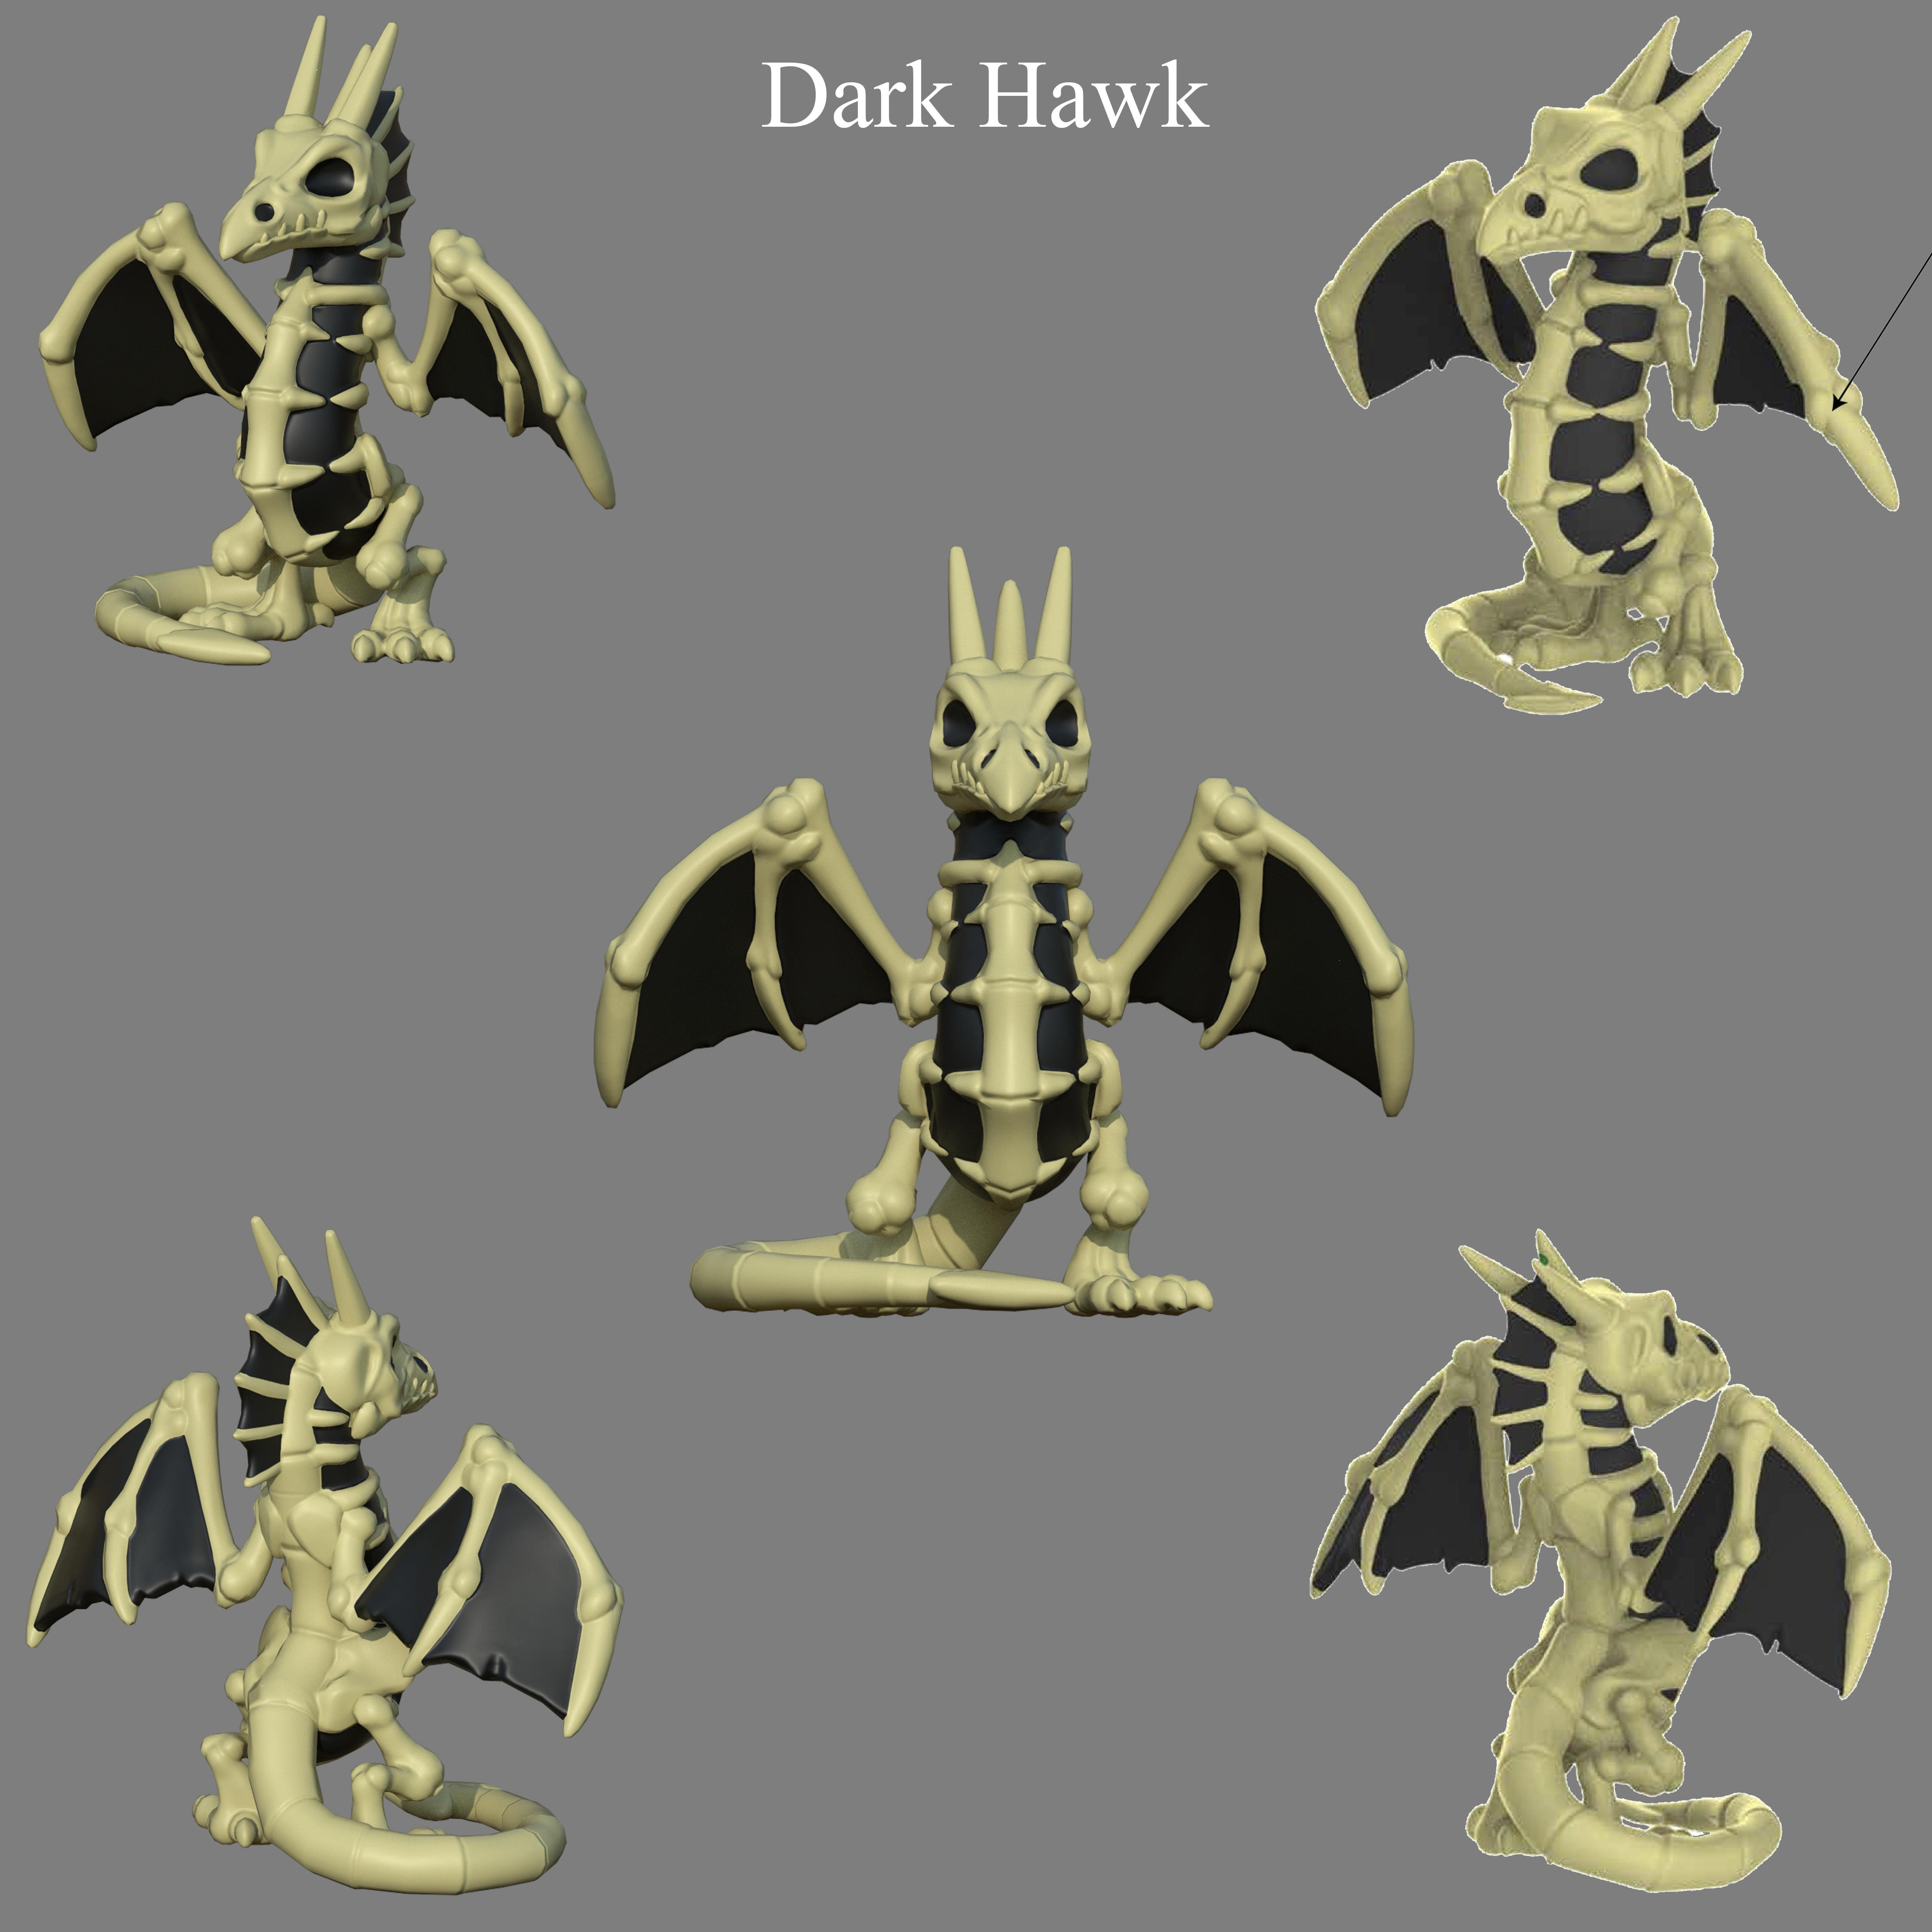 Dark Hawk